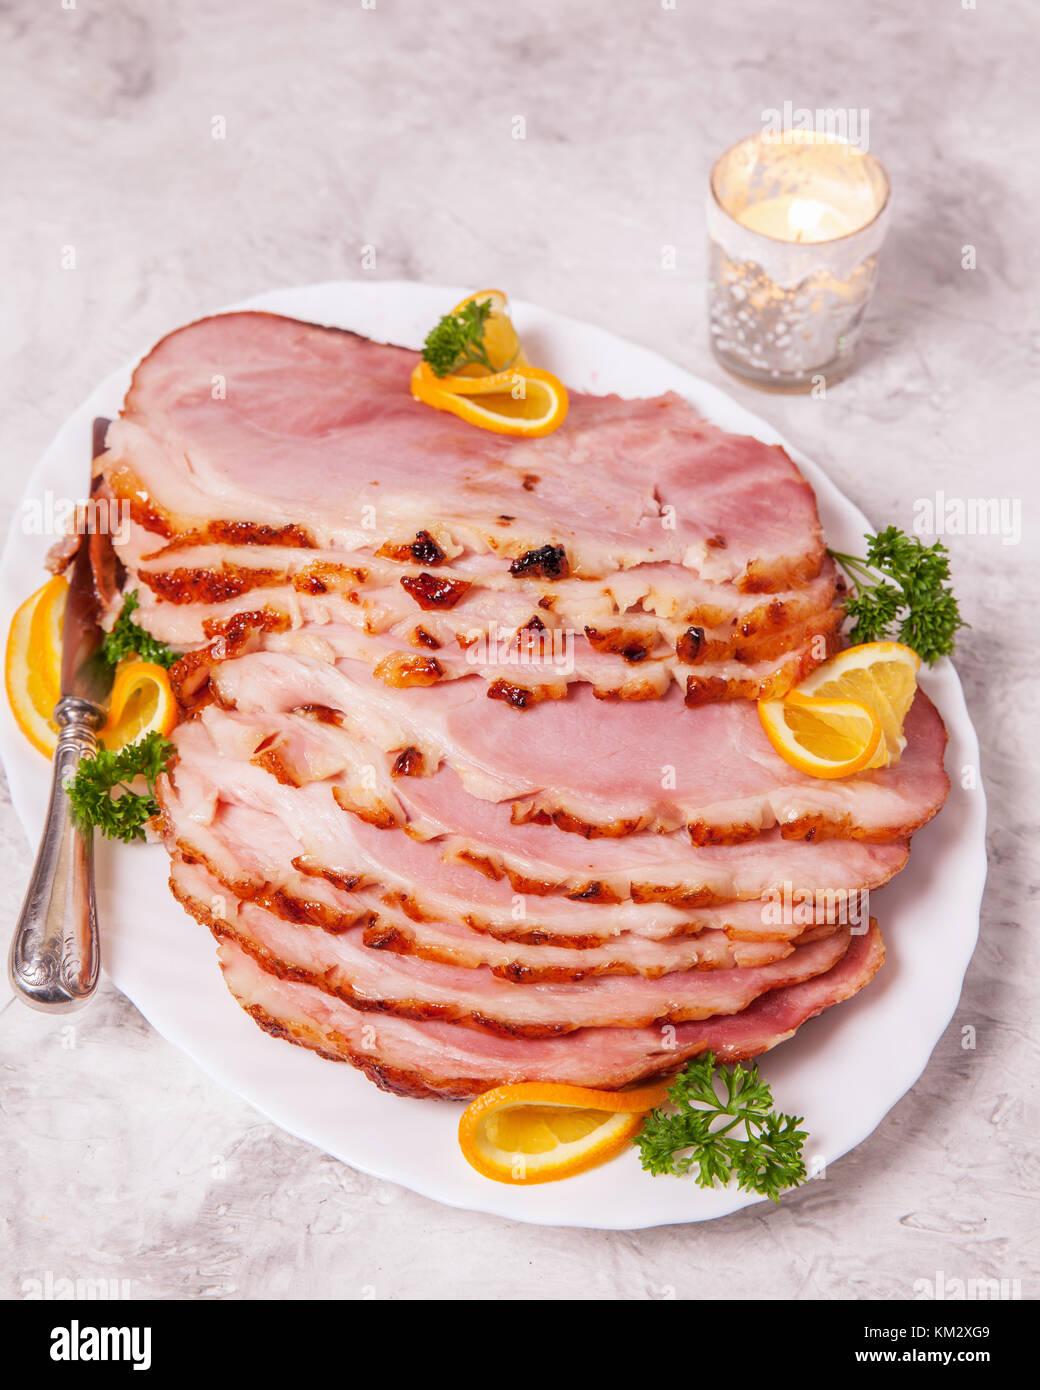 Weihnachten geröstete verglaste Urlaub Schweinefleisch Schinken Stockbild